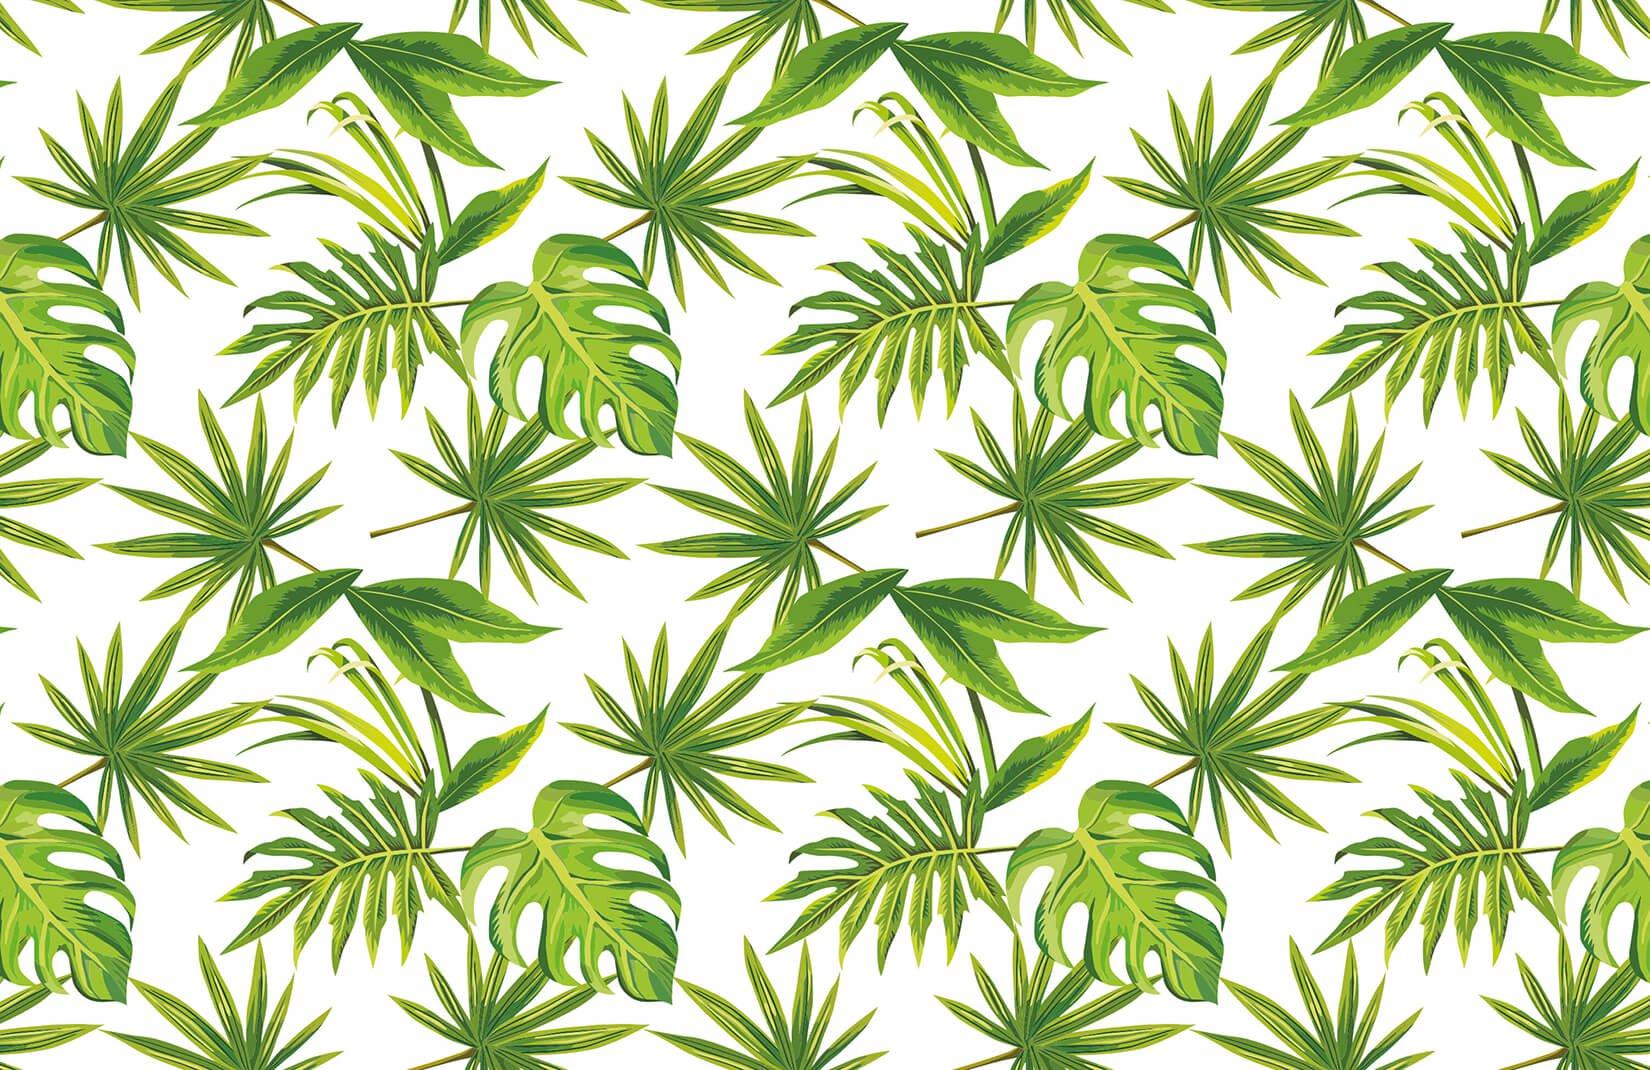 Wallpaper Tropical Leaves Print Wallpaper Murals Paradise - Tropical Leaves - HD Wallpaper